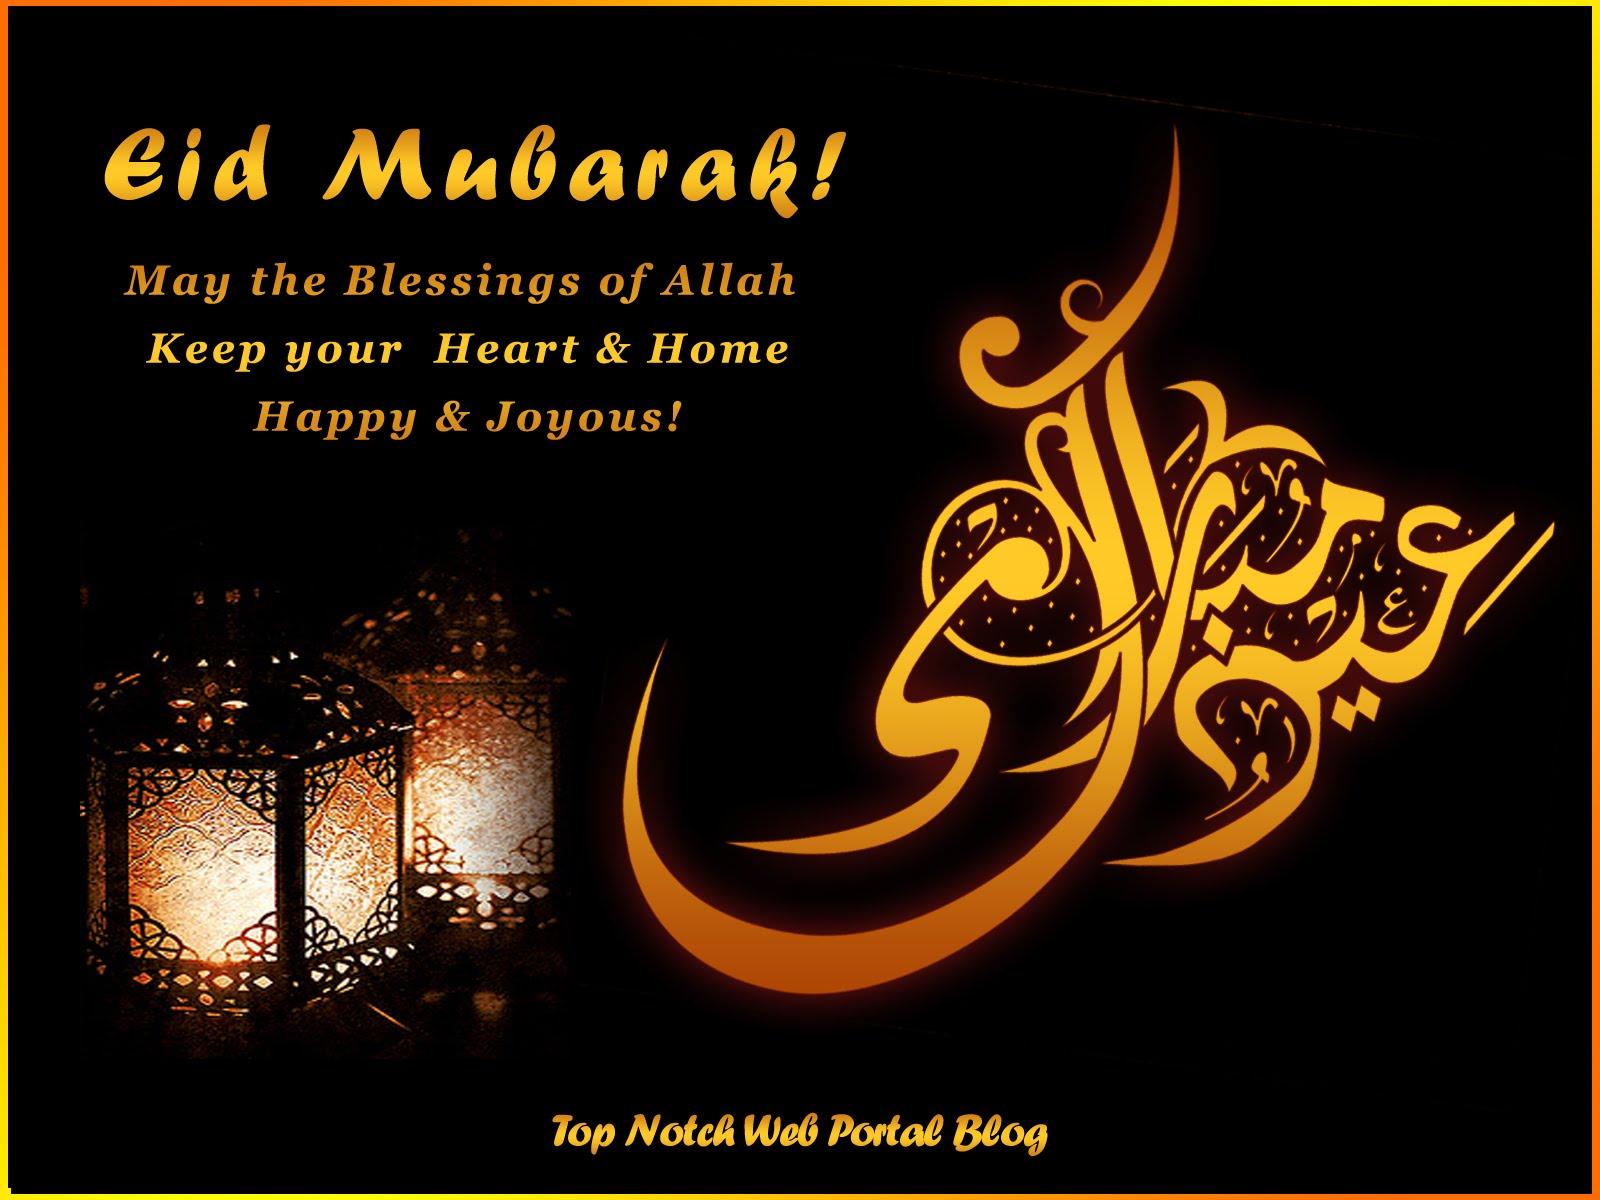 Eid-Mubarak-Photos-2.jpg